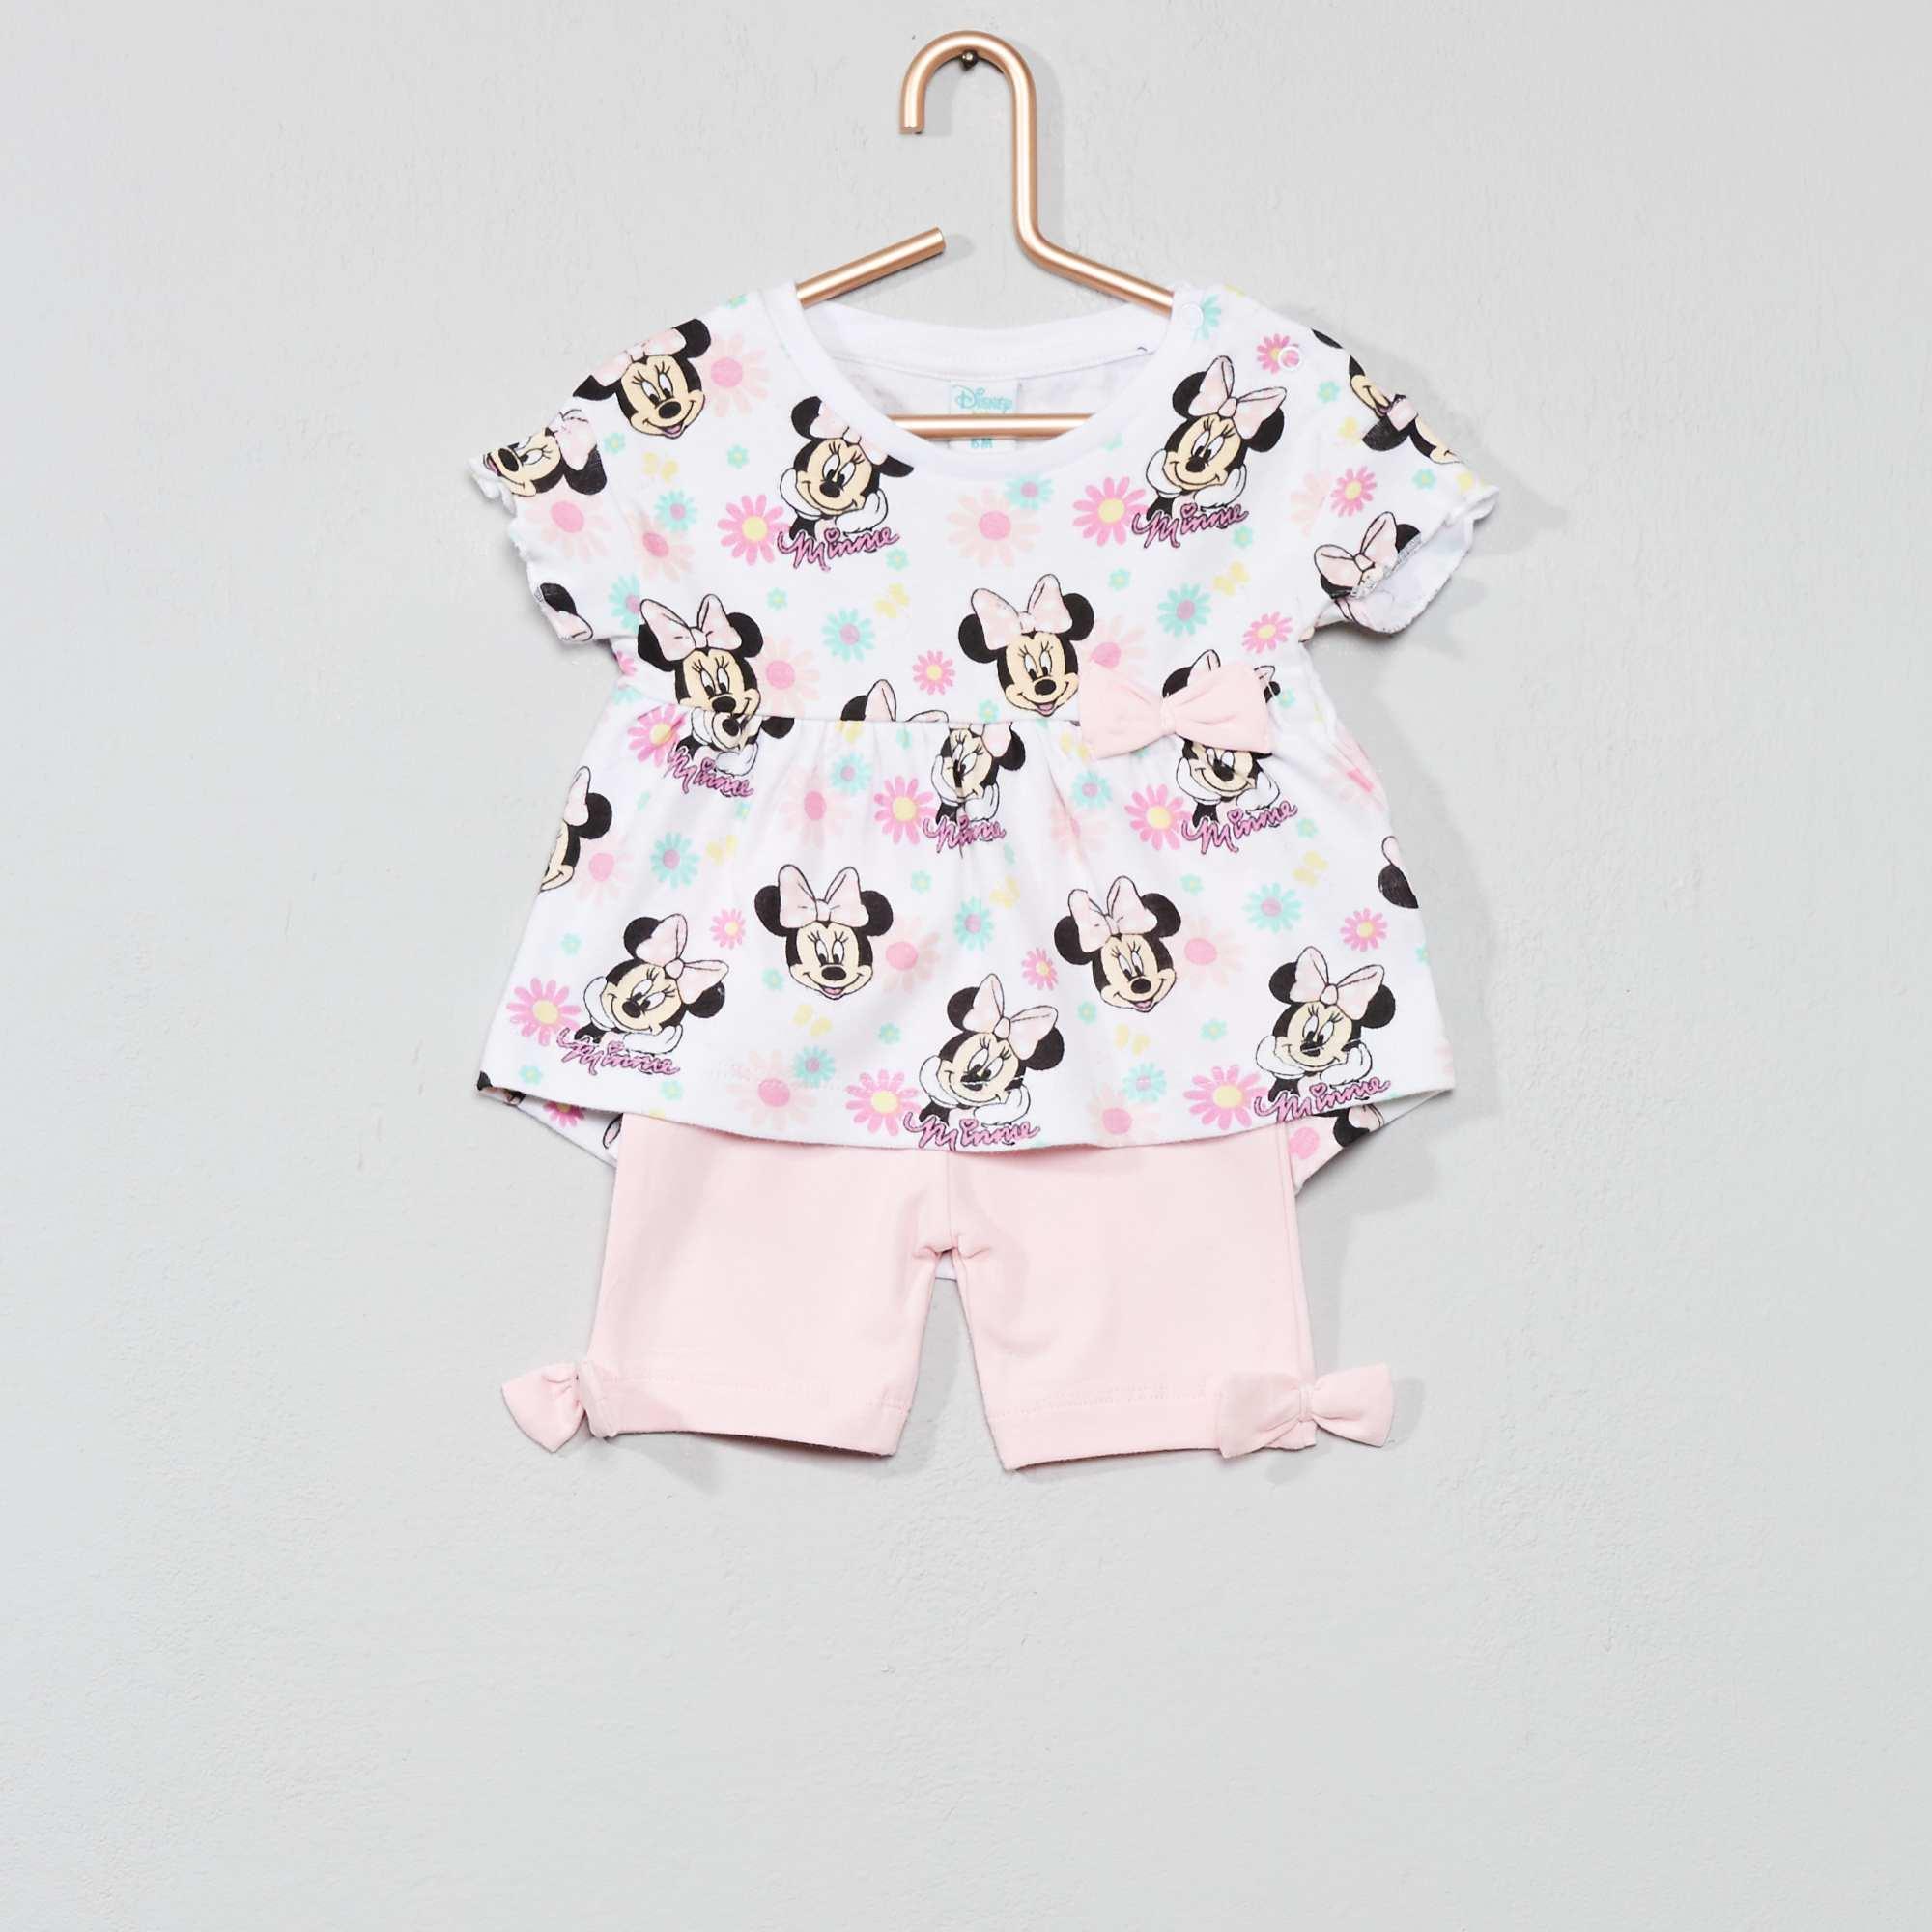 7655e09c9 Conjunto de camiseta + pantalón corto  Minnie  Bebé niña - ROSA ...